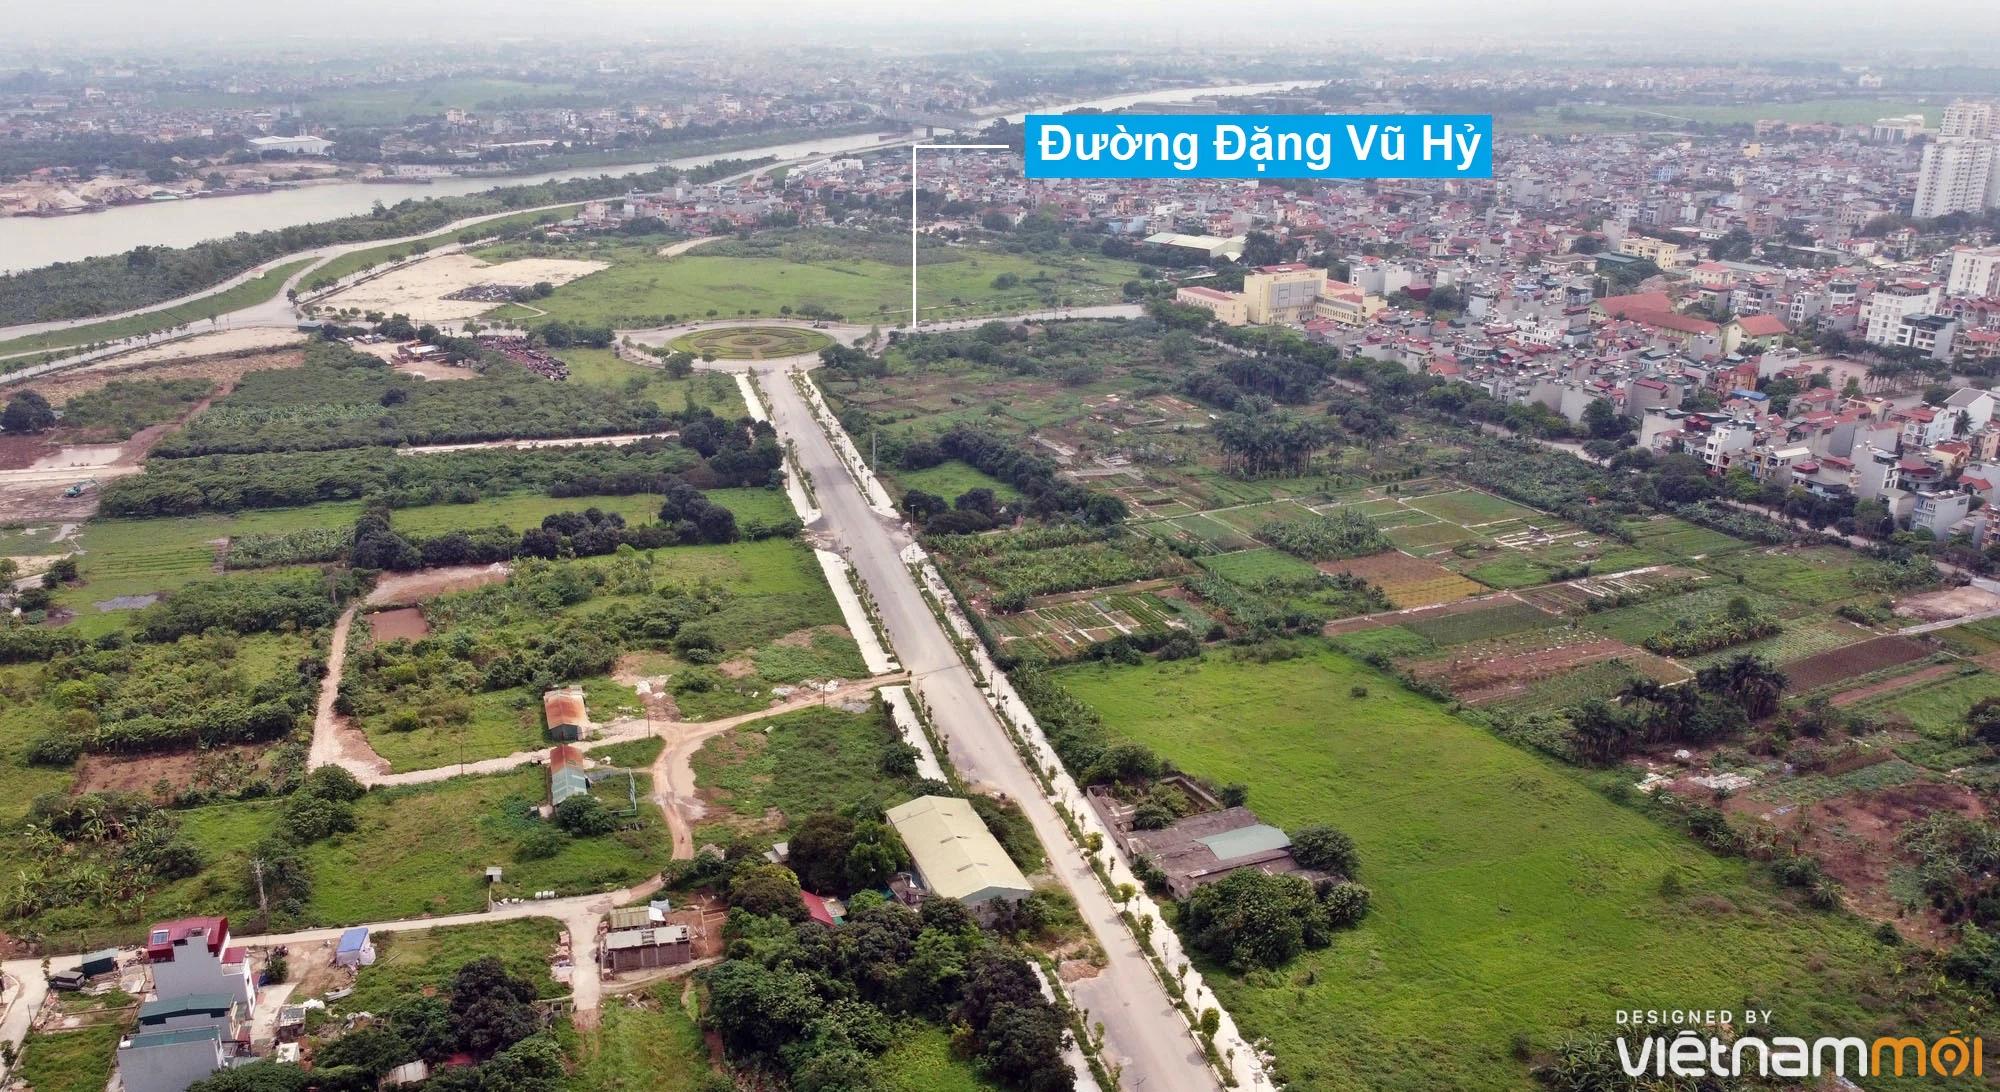 Toàn cảnh đường từ đê Ngọc Thụy đến KĐTM Thượng Thanh đang mở theo quy hoạch ở Hà Nội - Ảnh 18.